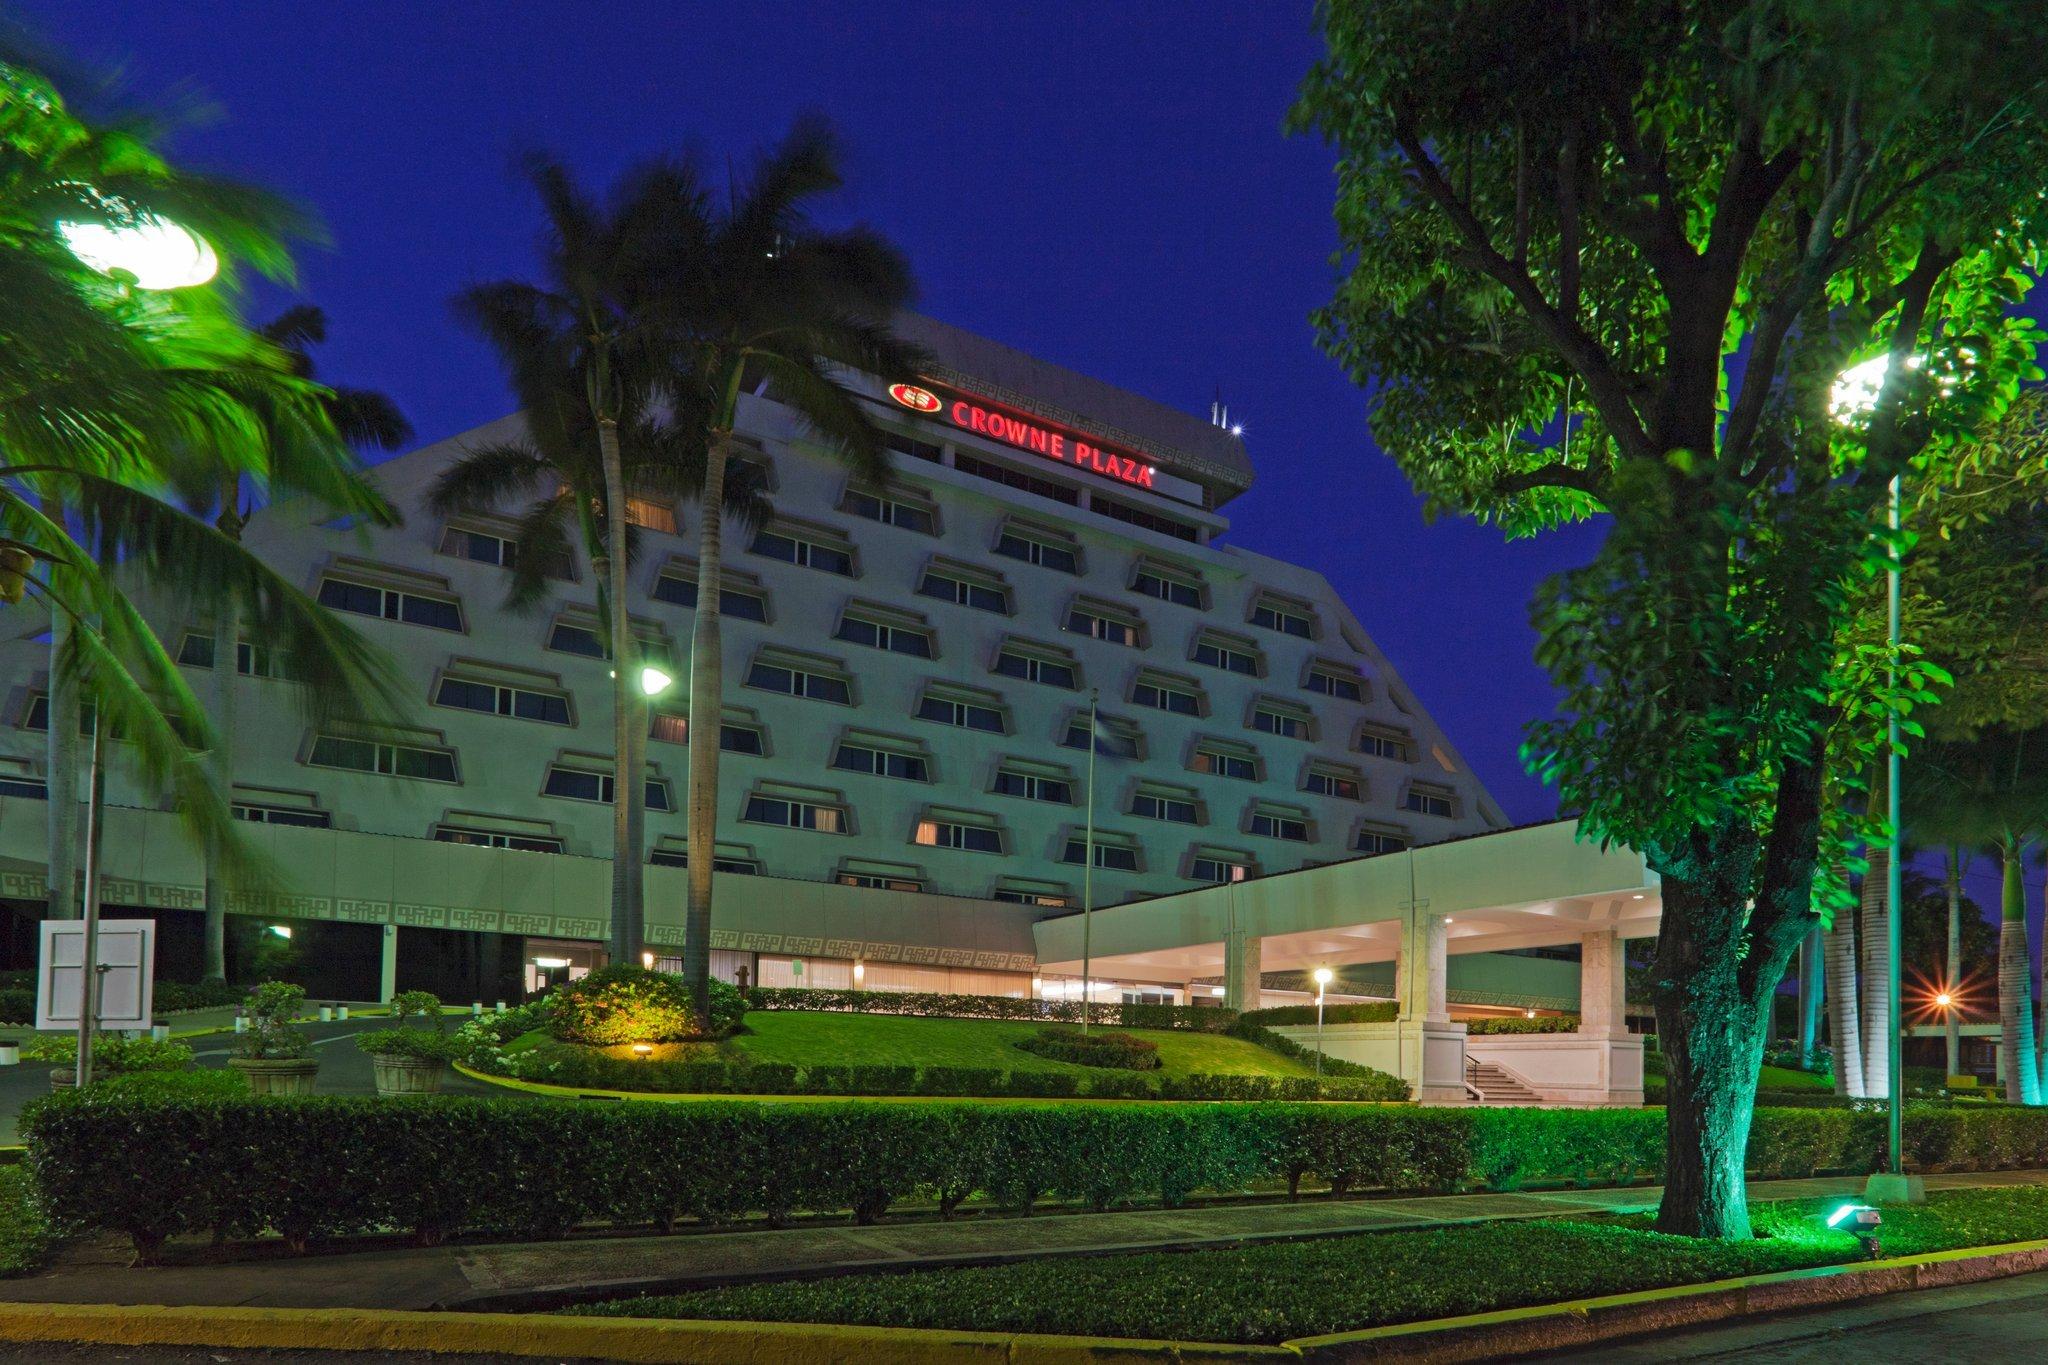 クラウン プラザ ホテル マナグア